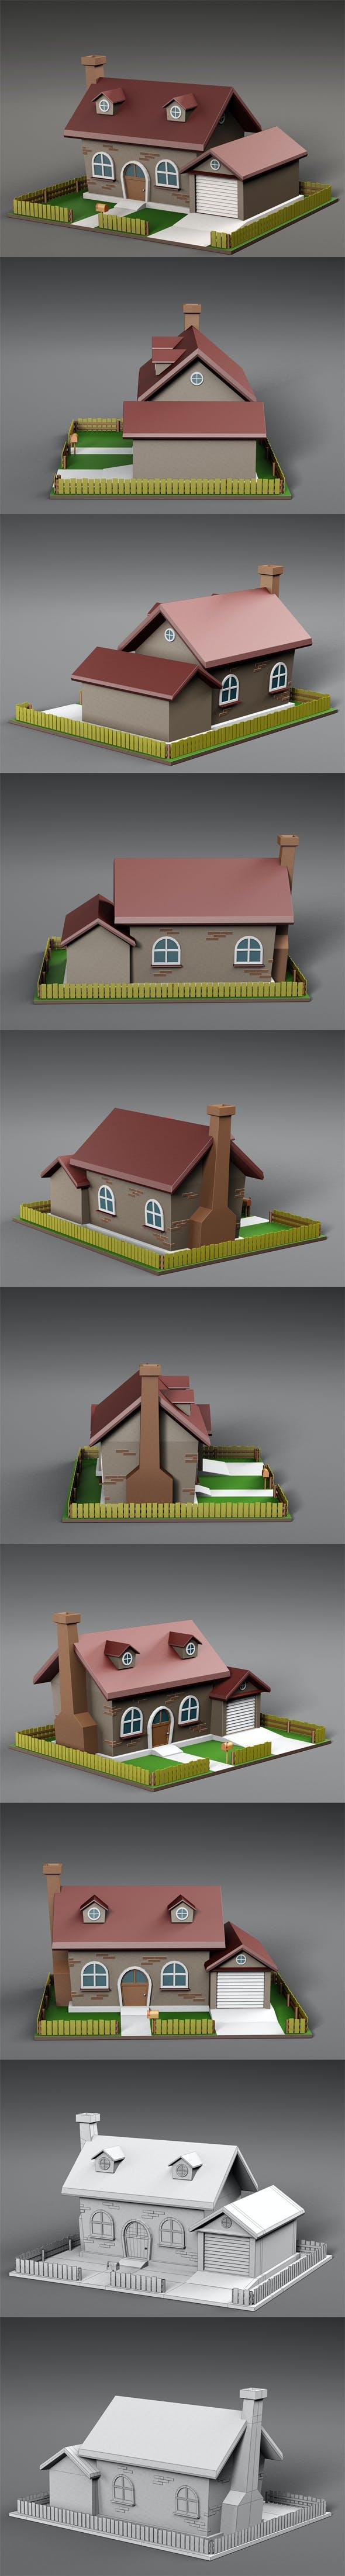 Cartoon house v4 - 3DOcean Item for Sale